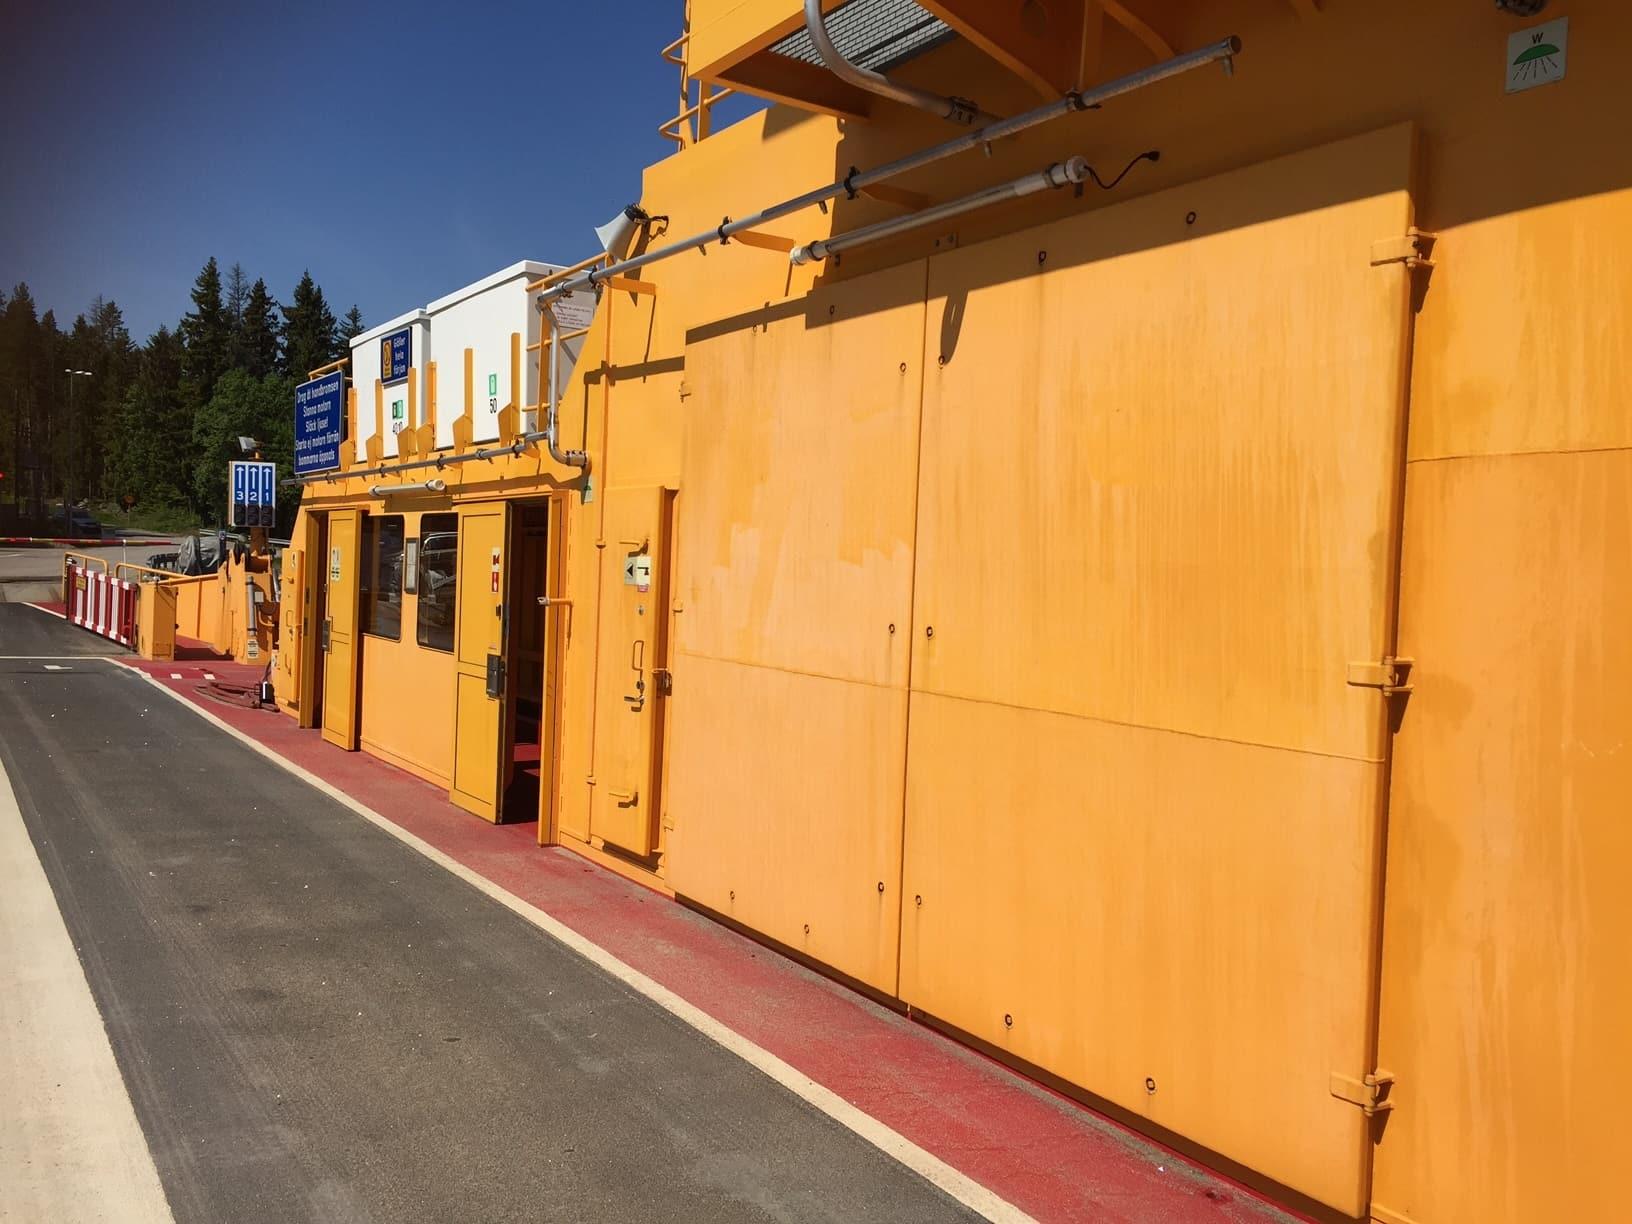 Allblästring Embla trafikverket färjor blästring målning 01